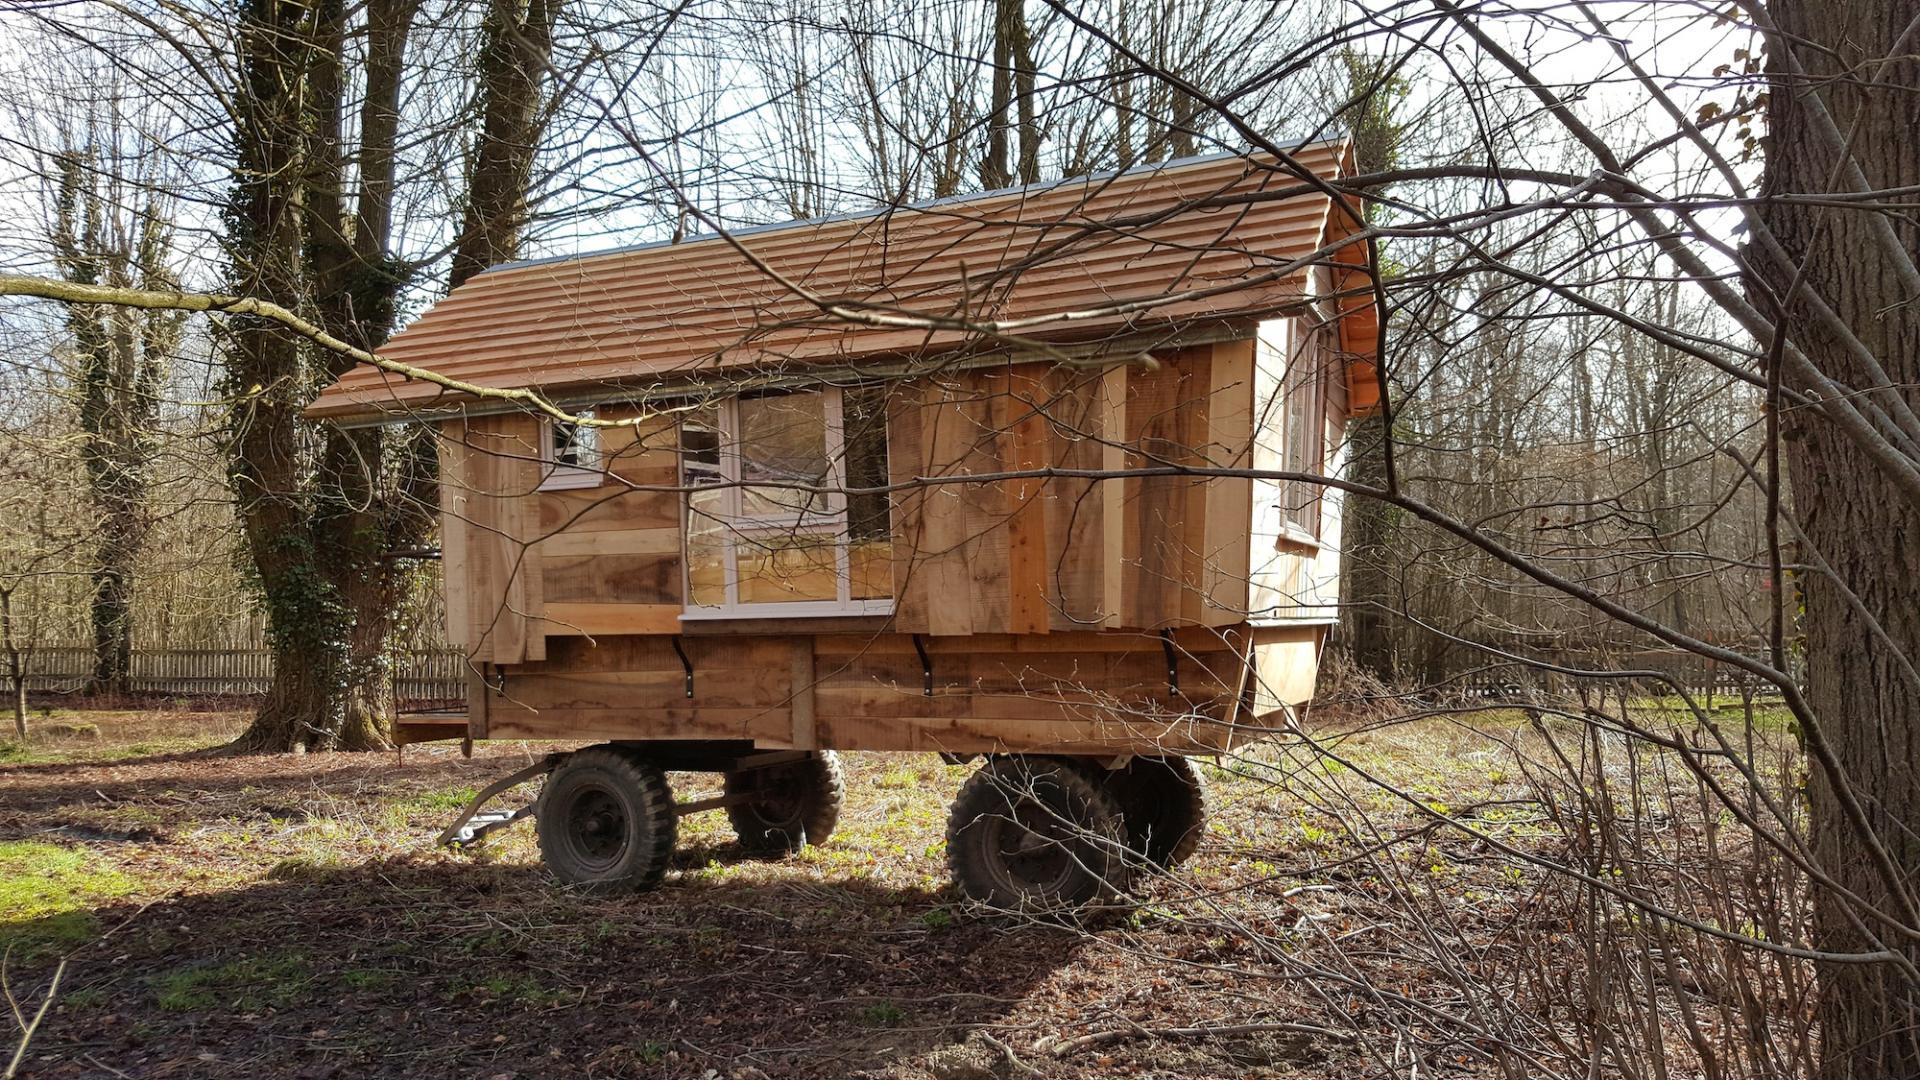 La roulotte dites cabane de berger pronleroy dans - Nuits insolites cabane en bois montagne ...